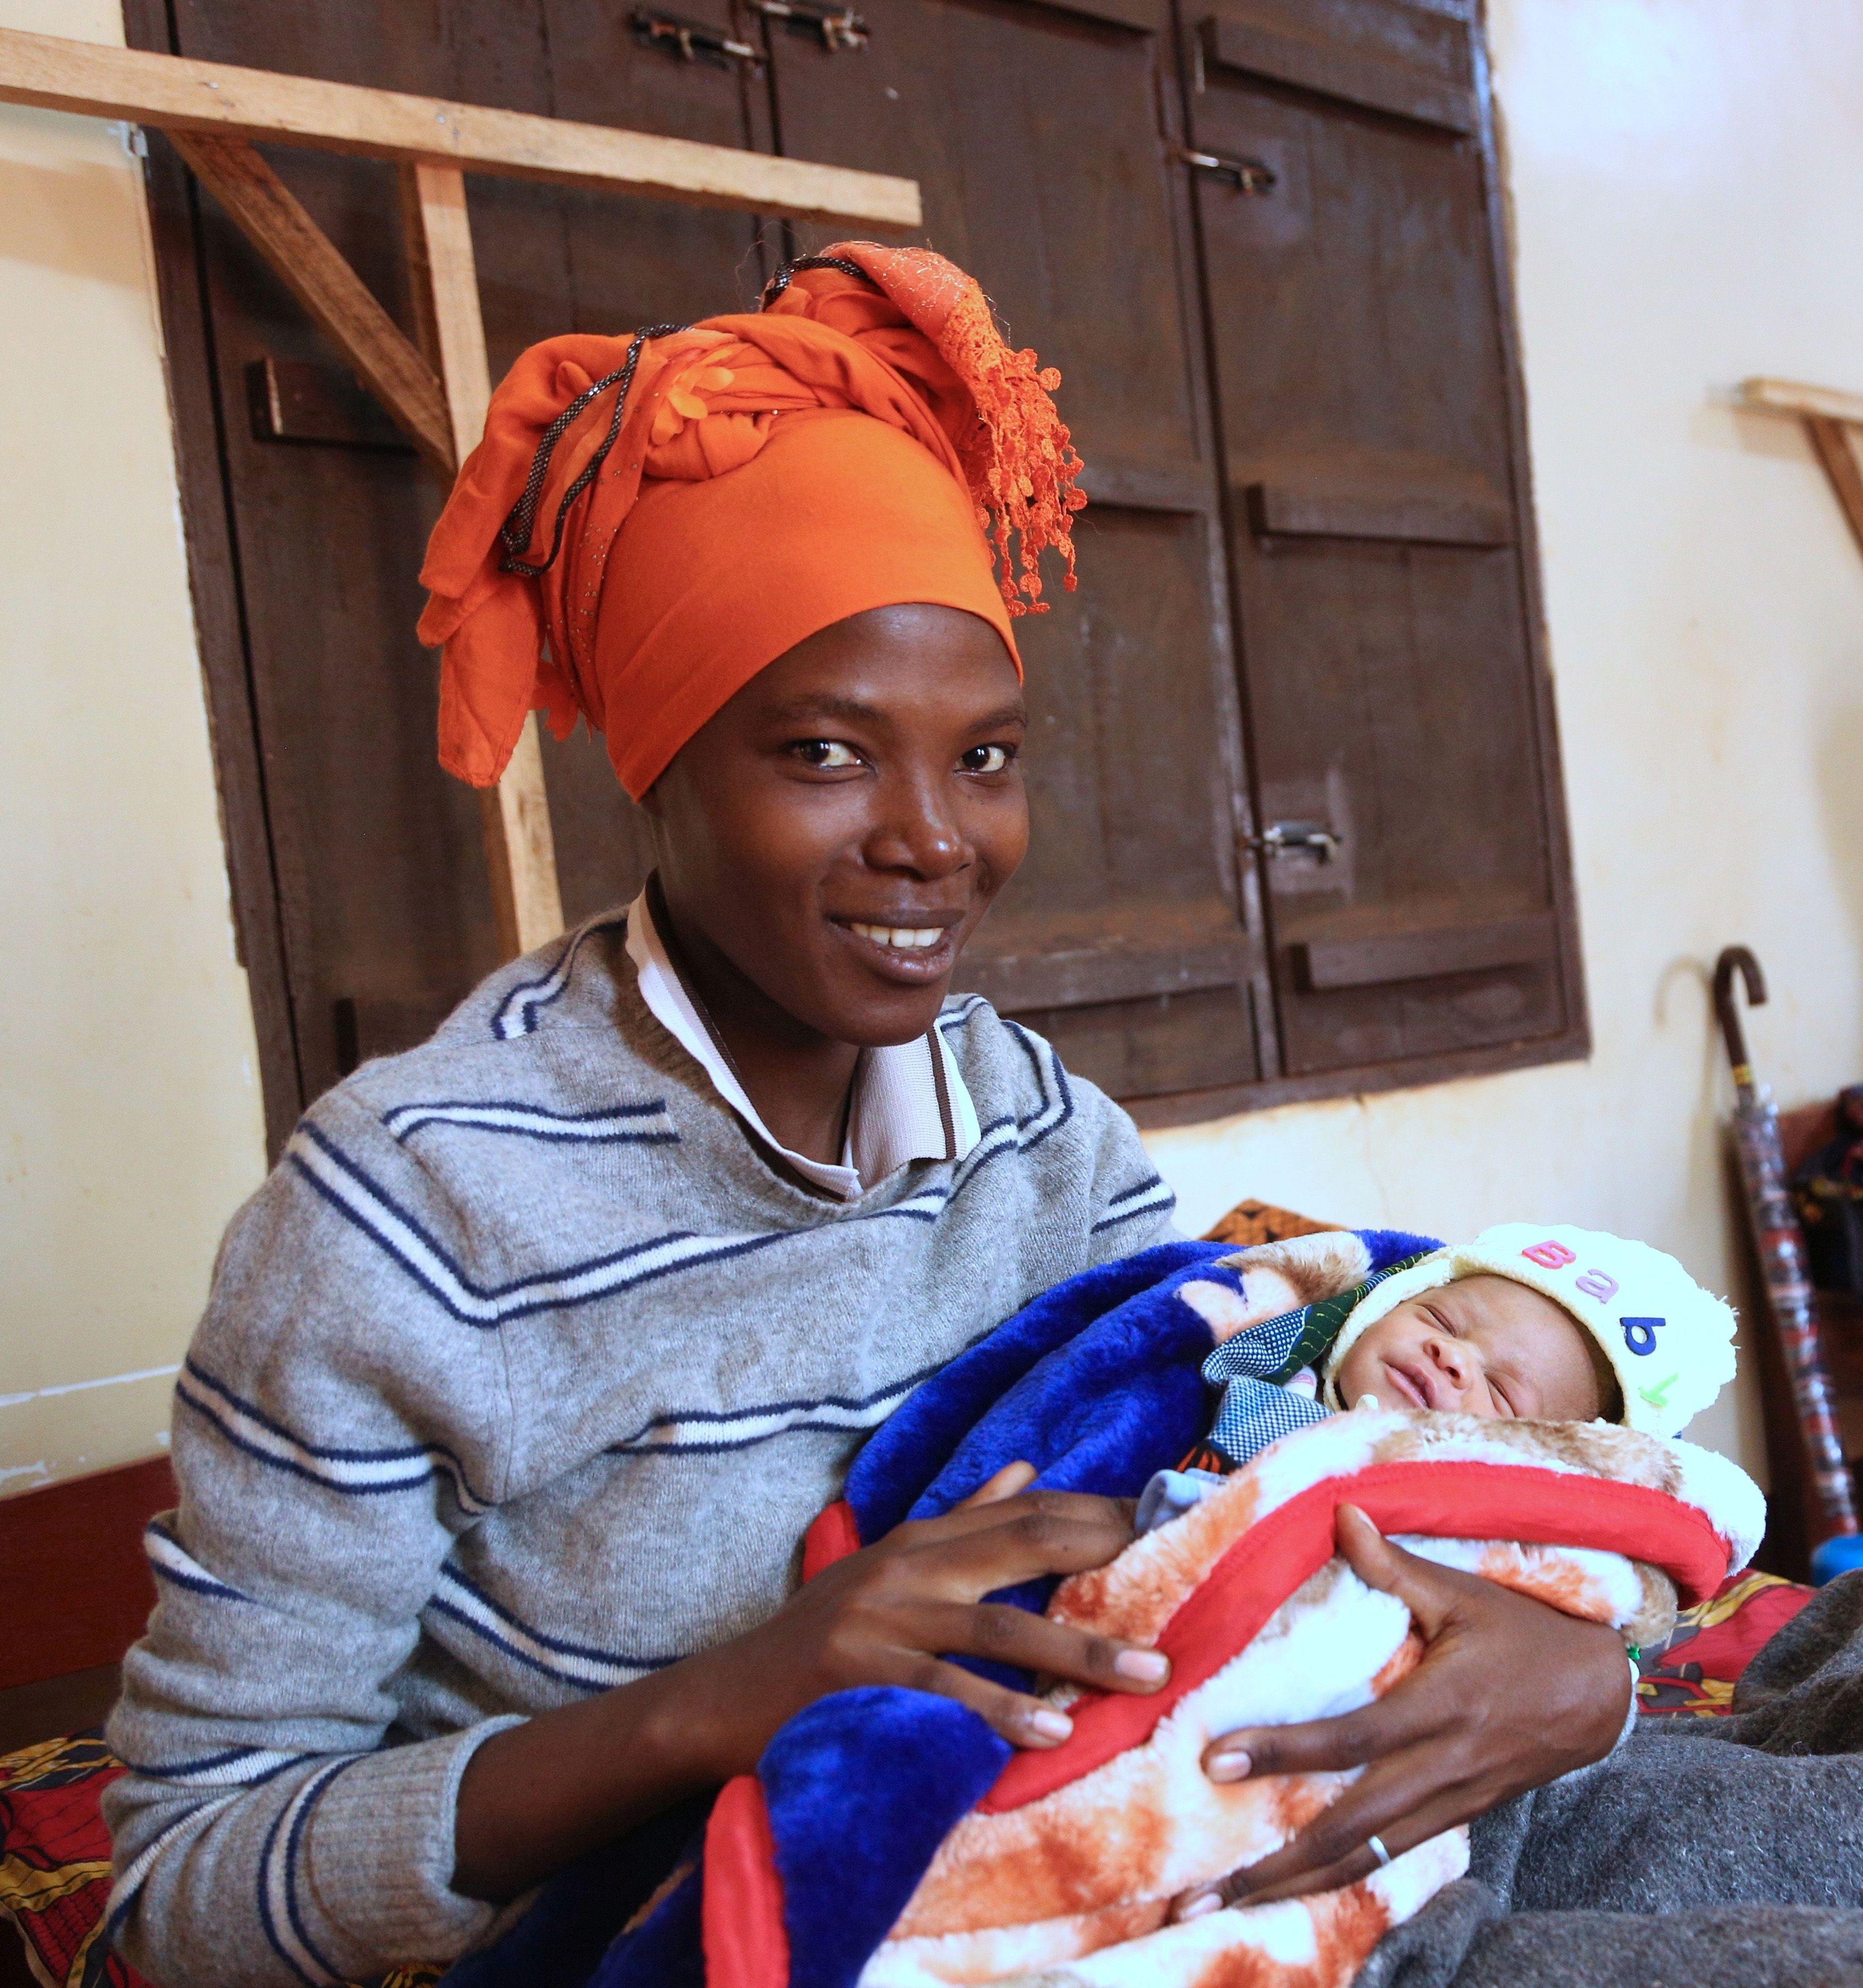 Das schönste Geschenk: Eine sichere Geburt!